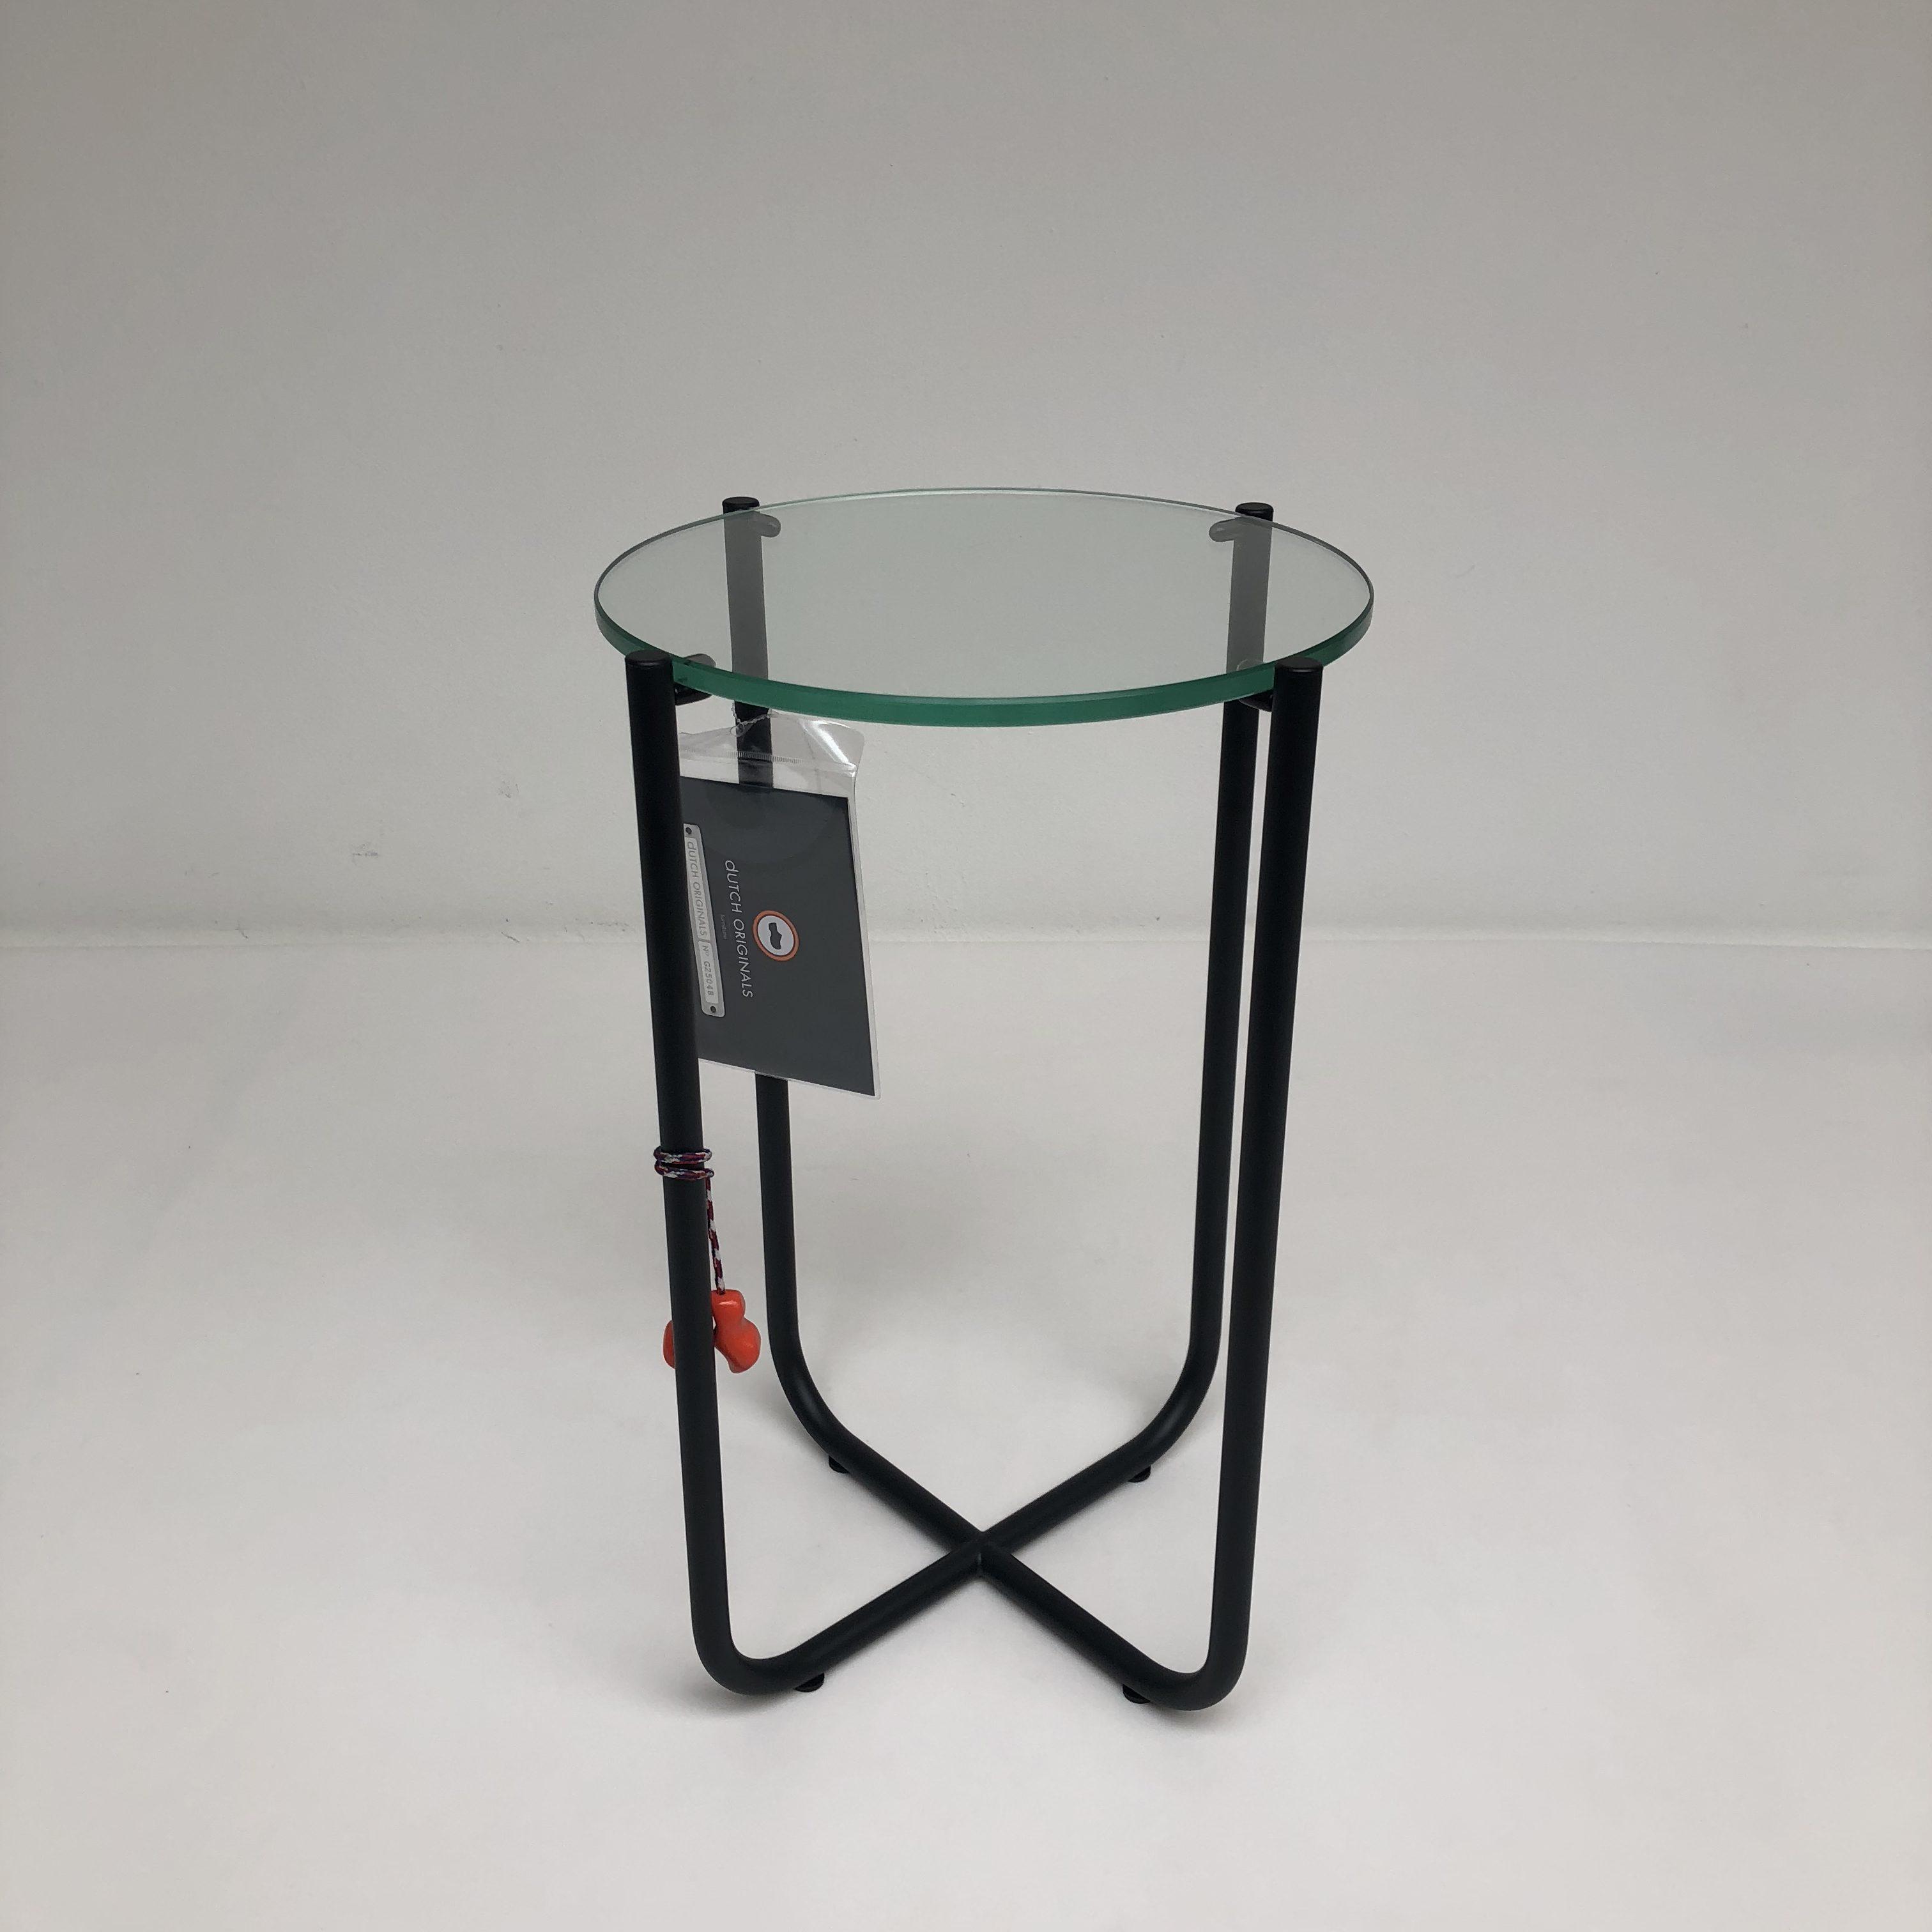 Design Bijzettafel Chroomglas.Gt 411 Bijzettafel Zwart Of Chroom Onderstel Met Glas Hello Design